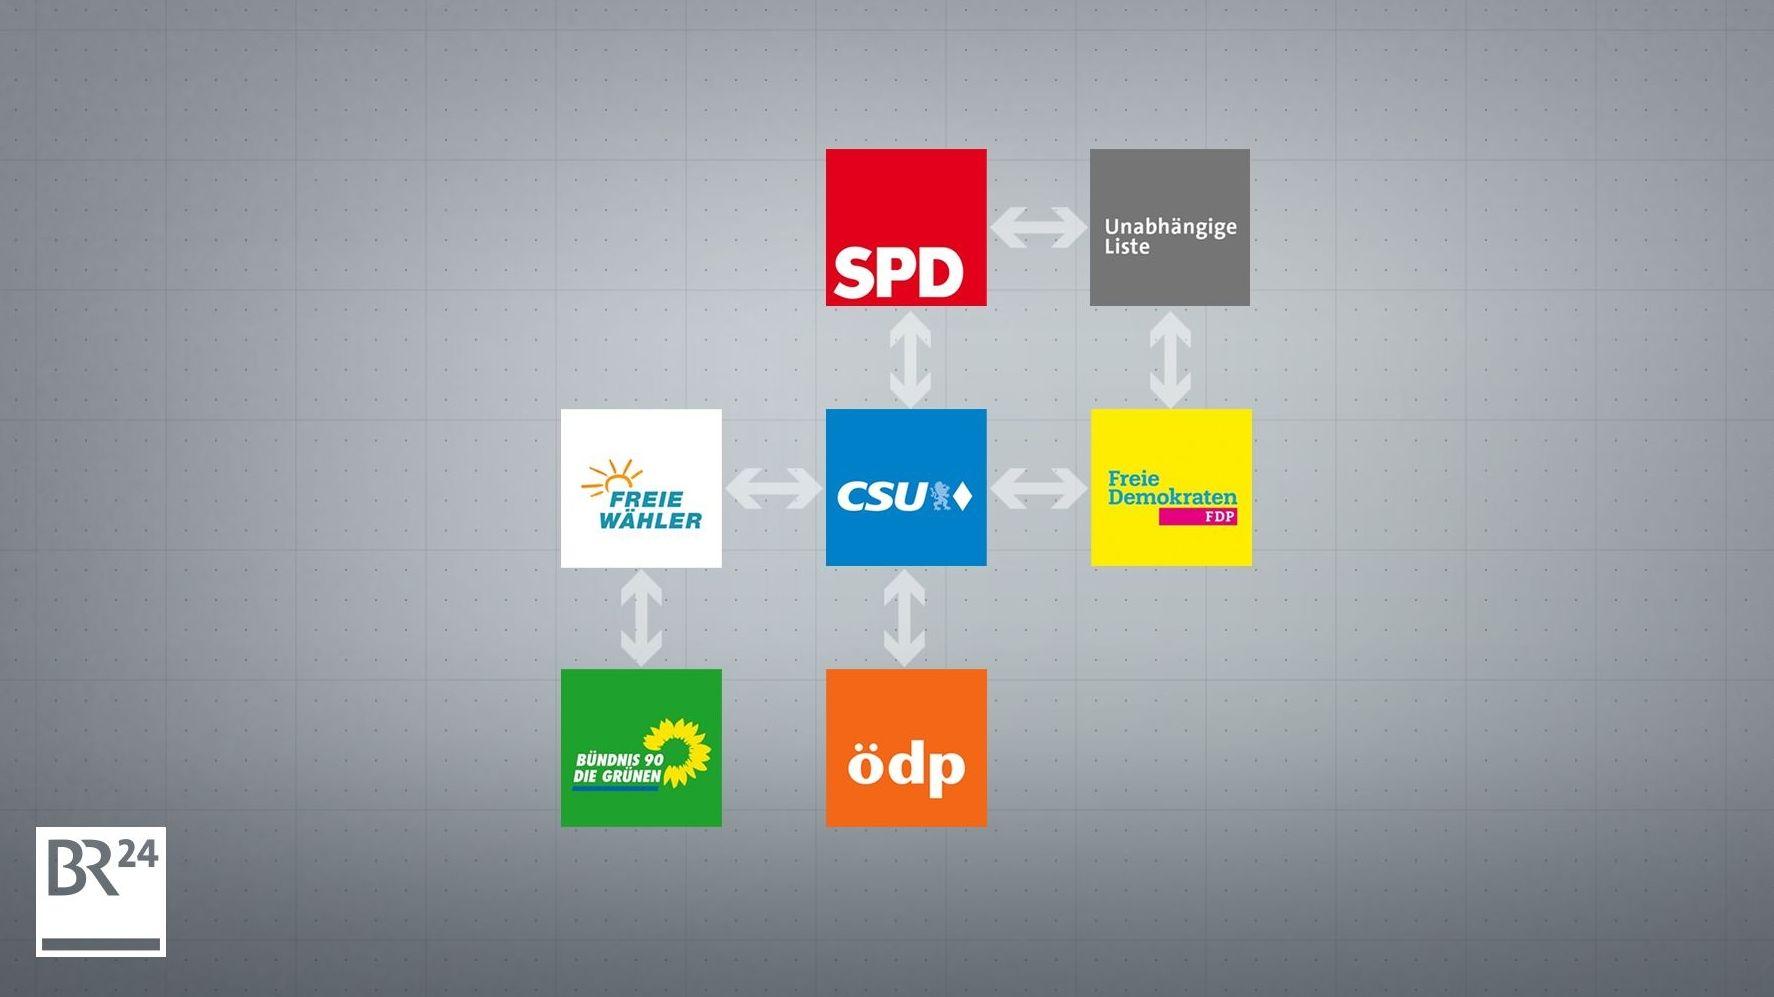 Pfeile zwischen Parteilogos symbolisieren den Wechsel zwischen den Parteien